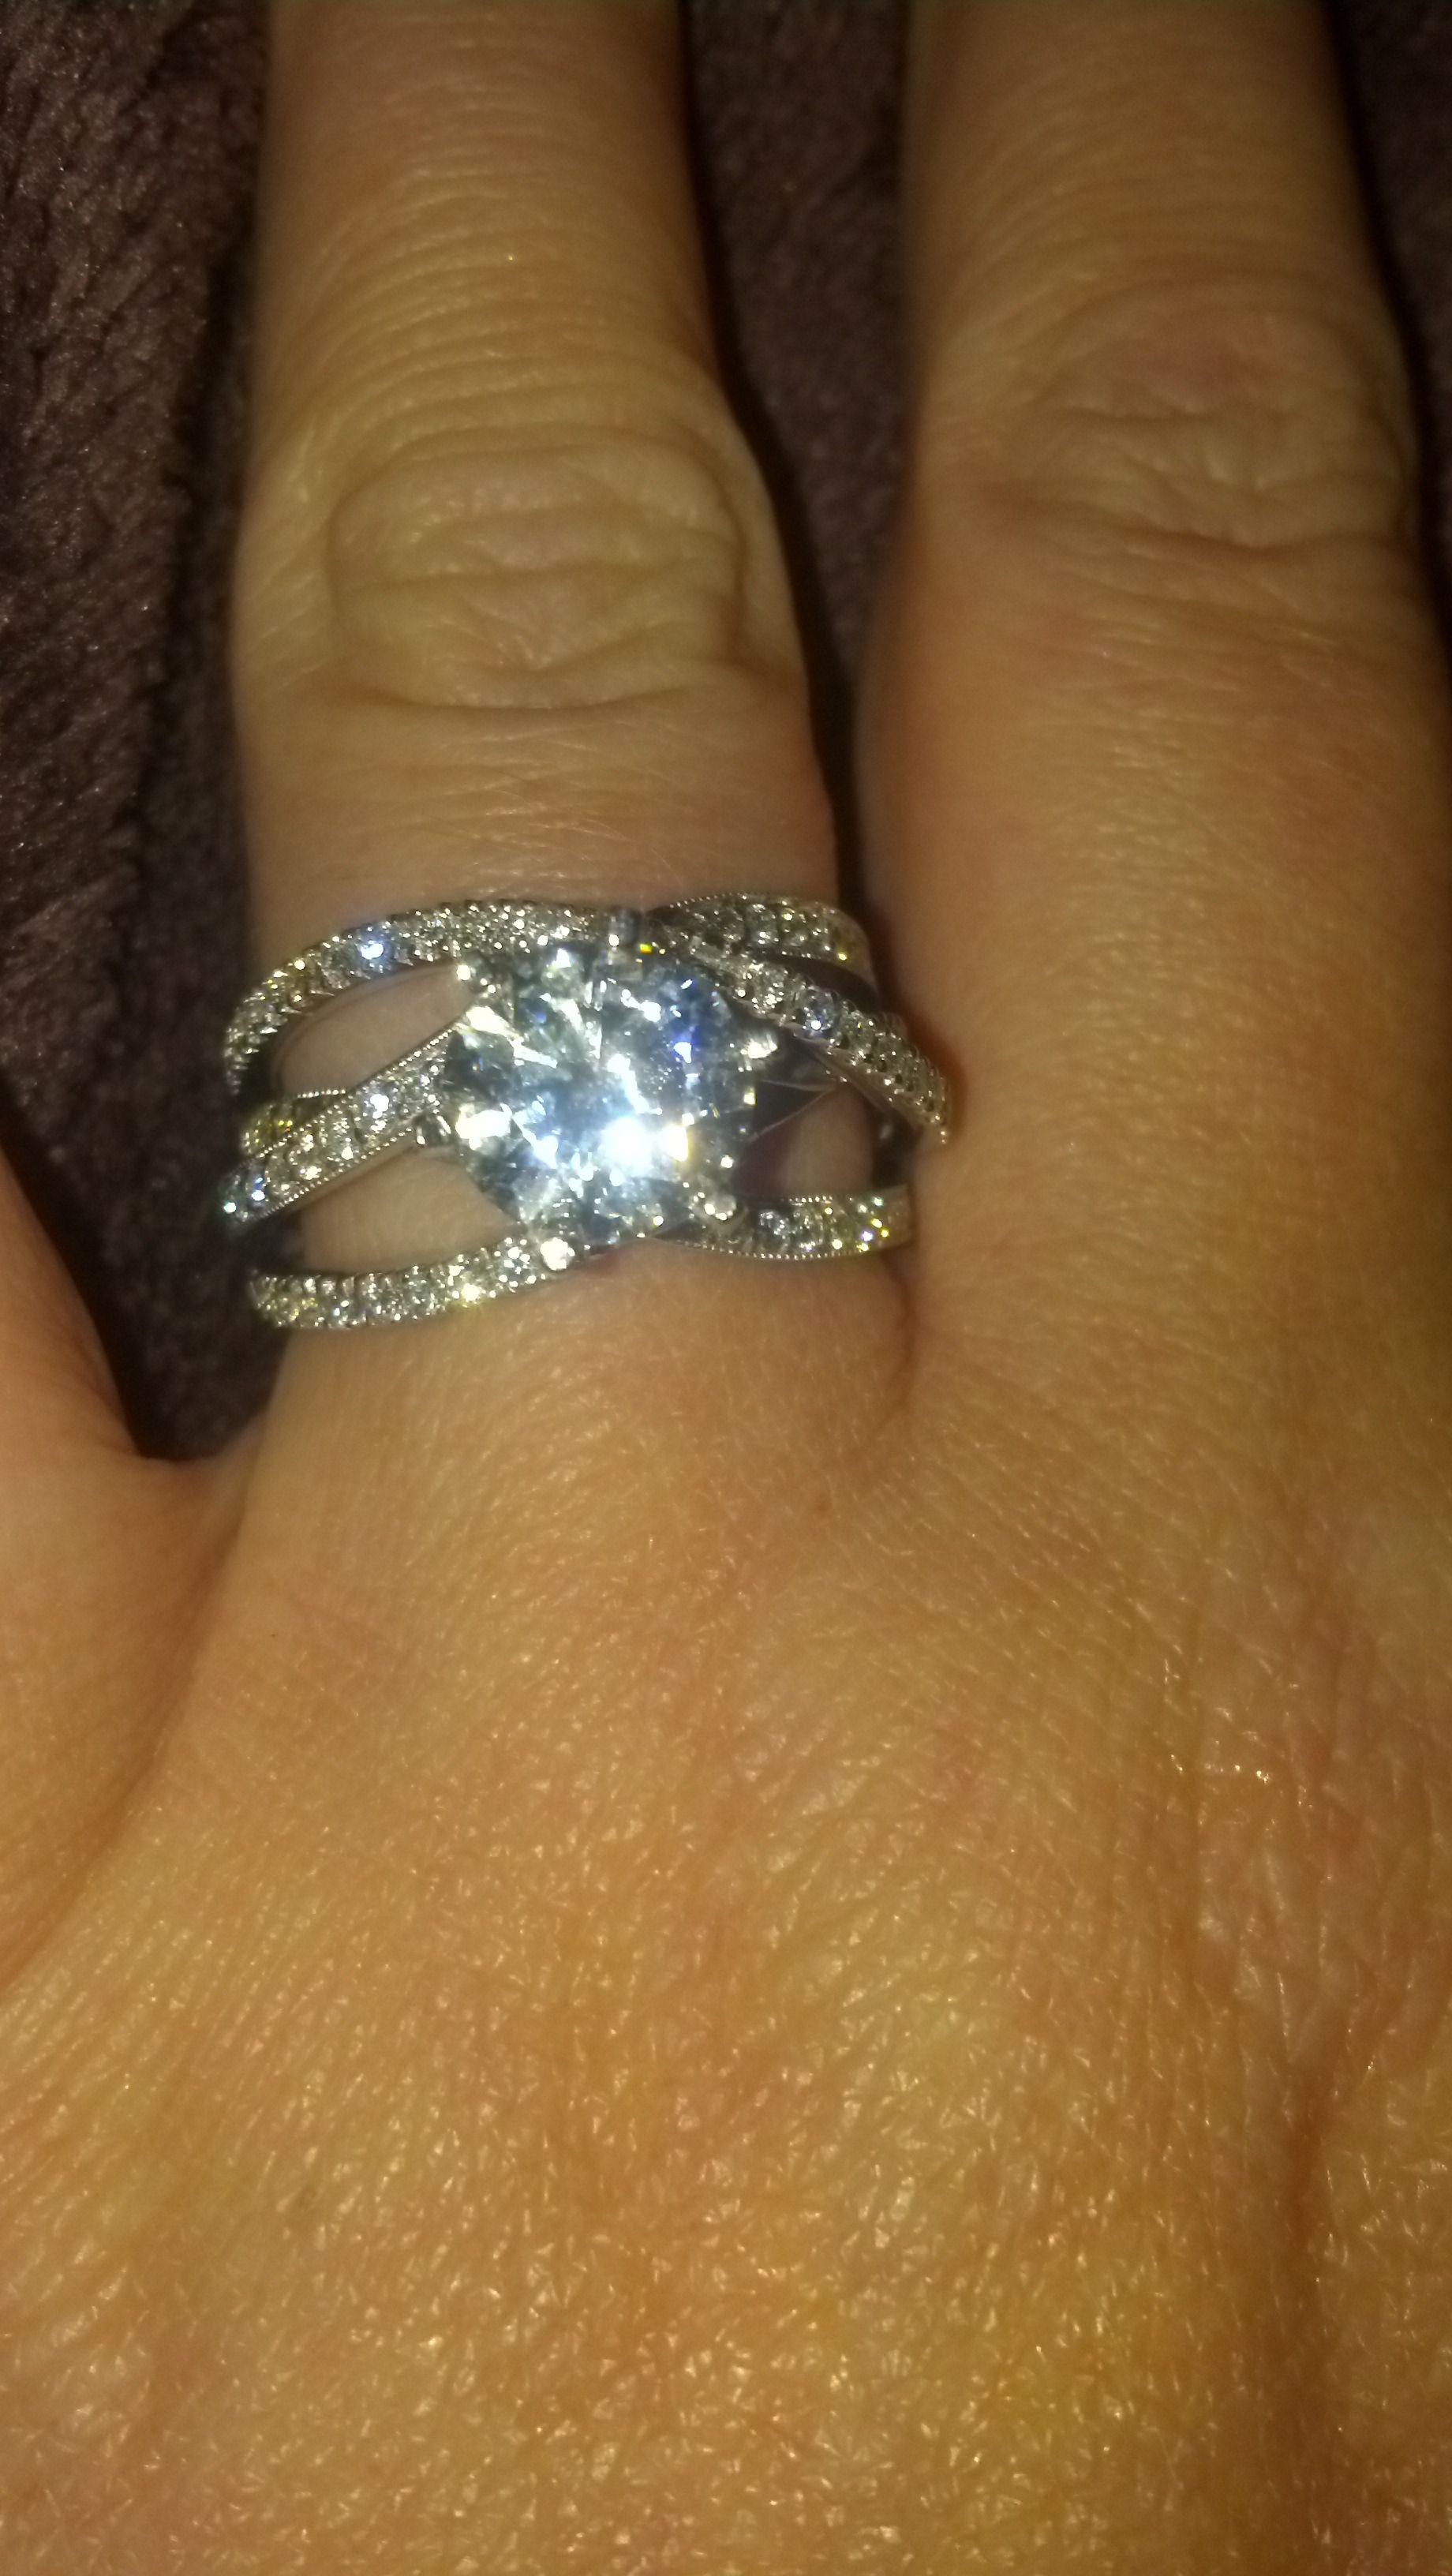 Beautiful 2 carat center stone engagement ring Ecclesiastes